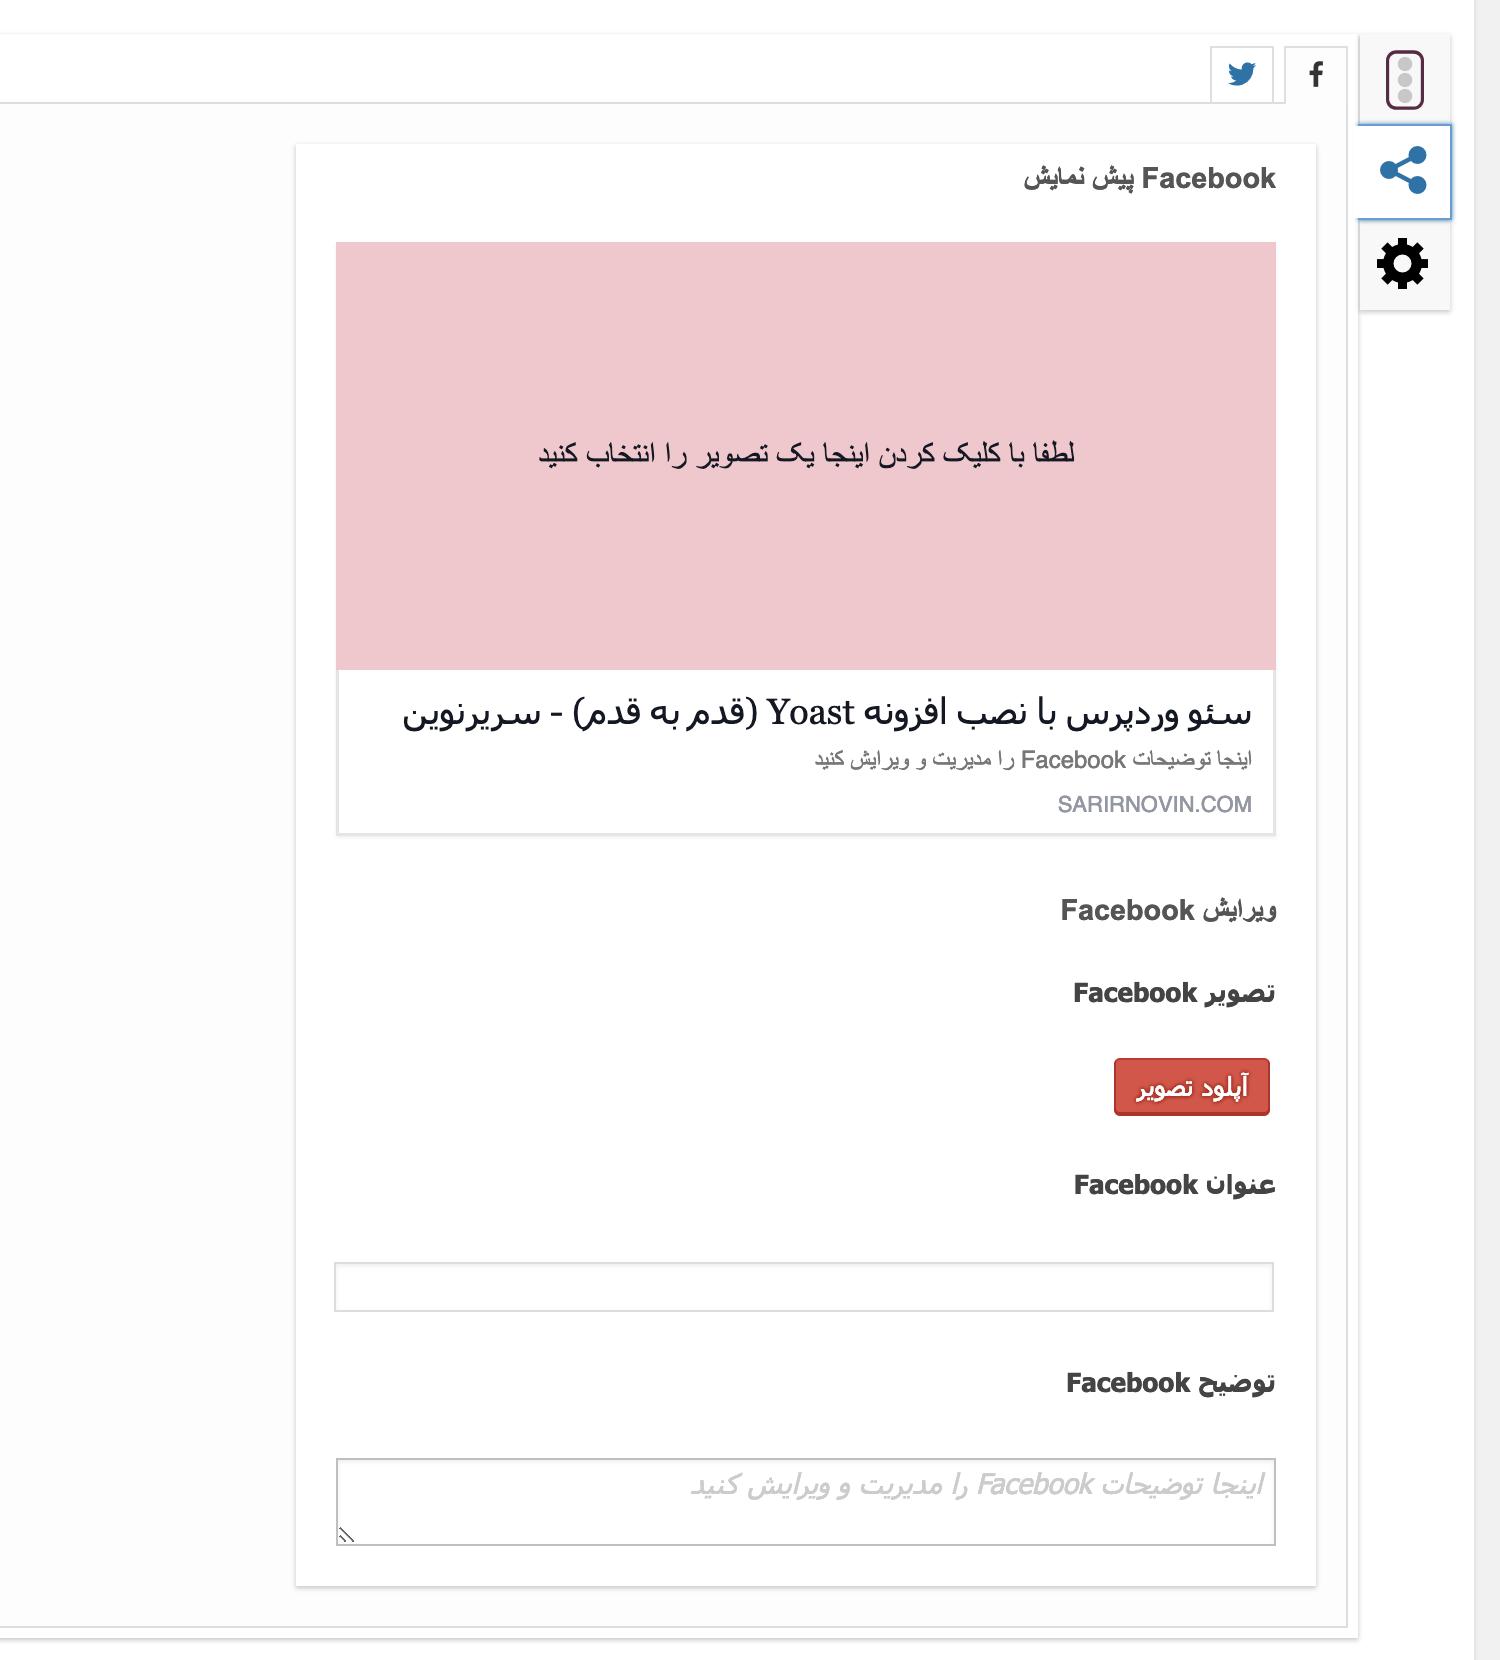 پیکربندی تنظیمات شبکه های اجتماعی برای نوشته ها و صفحات برگه ها